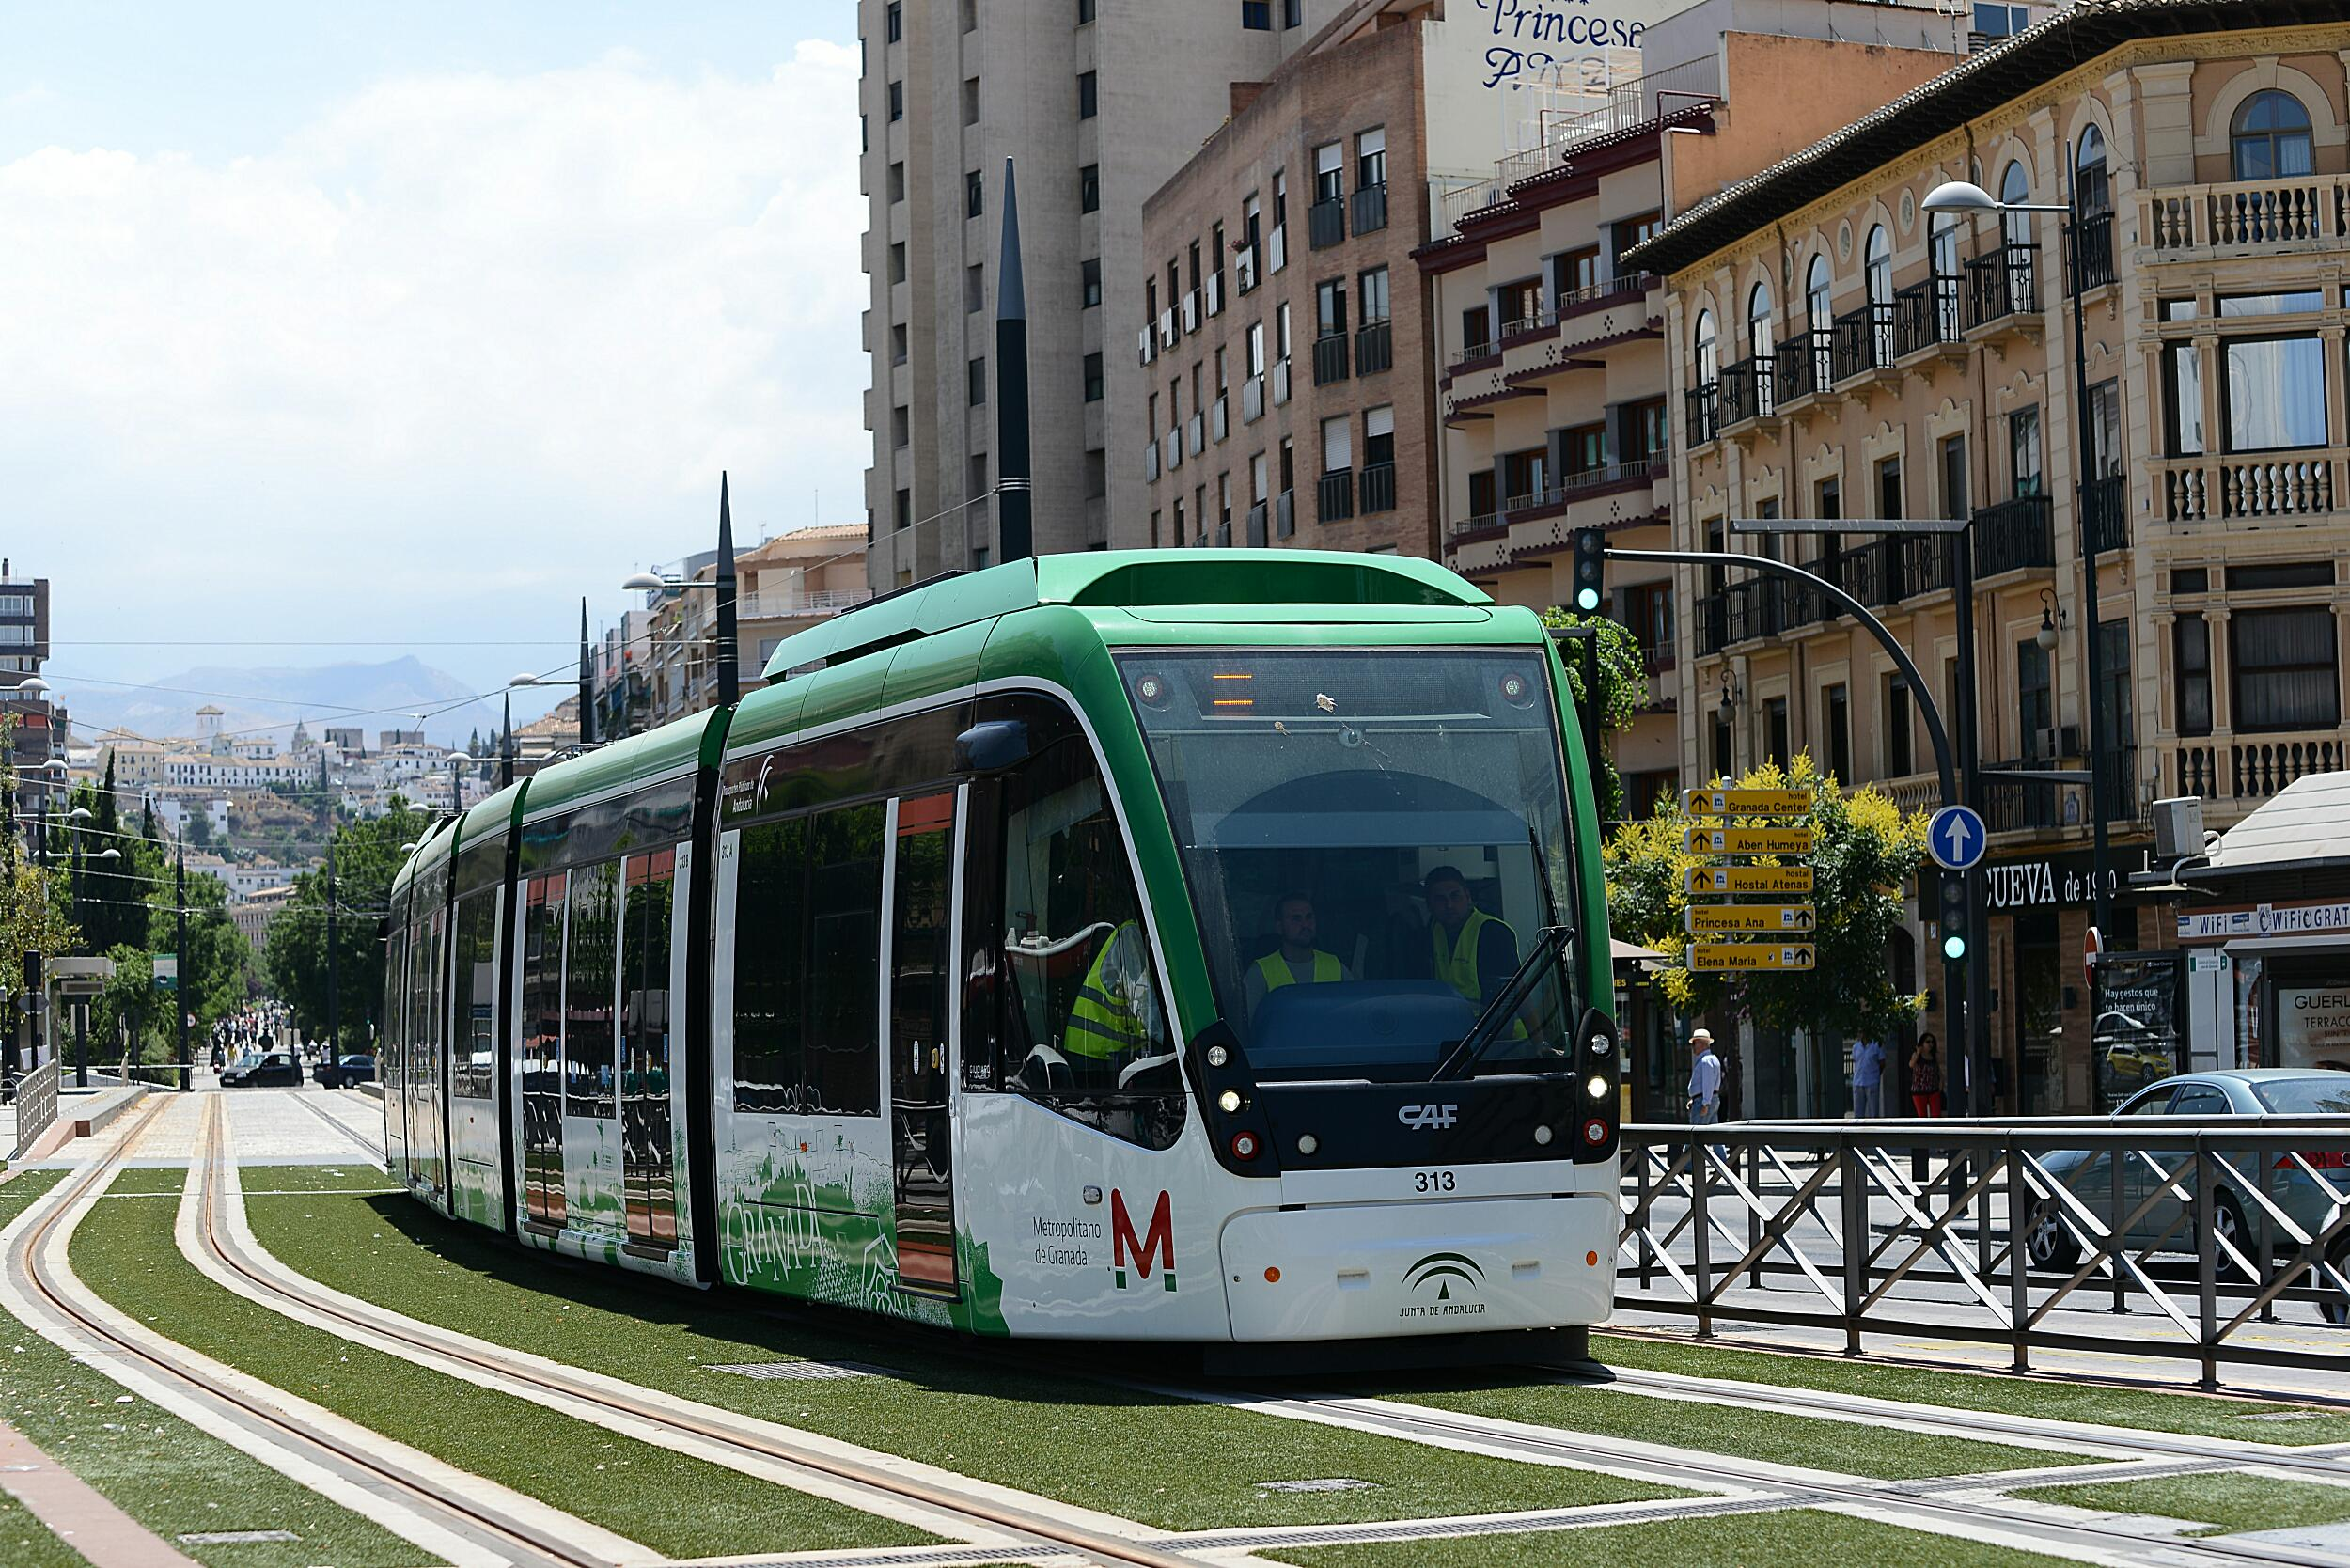 Las pruebas del Metro de Granada se mantienen en más de 14.000 kilómetros recorridos y bajan las incidencias un 27%